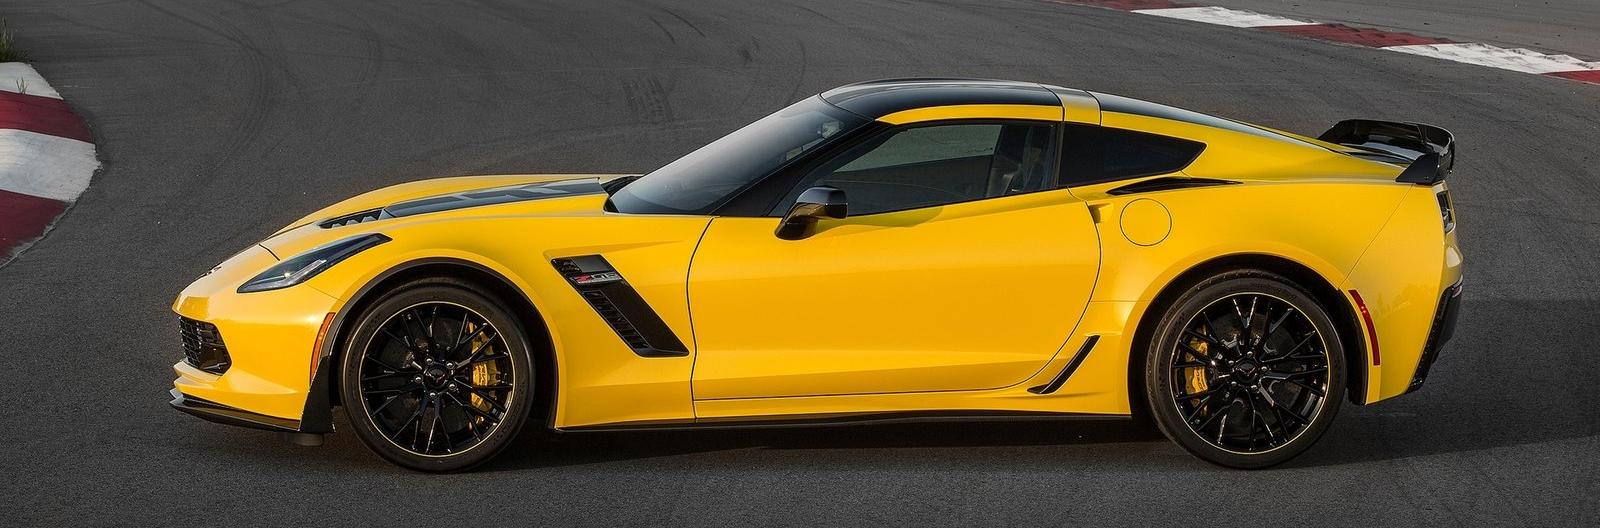 autovisie-duik-in-de-prijslijst-chevrolet-corvette-z06